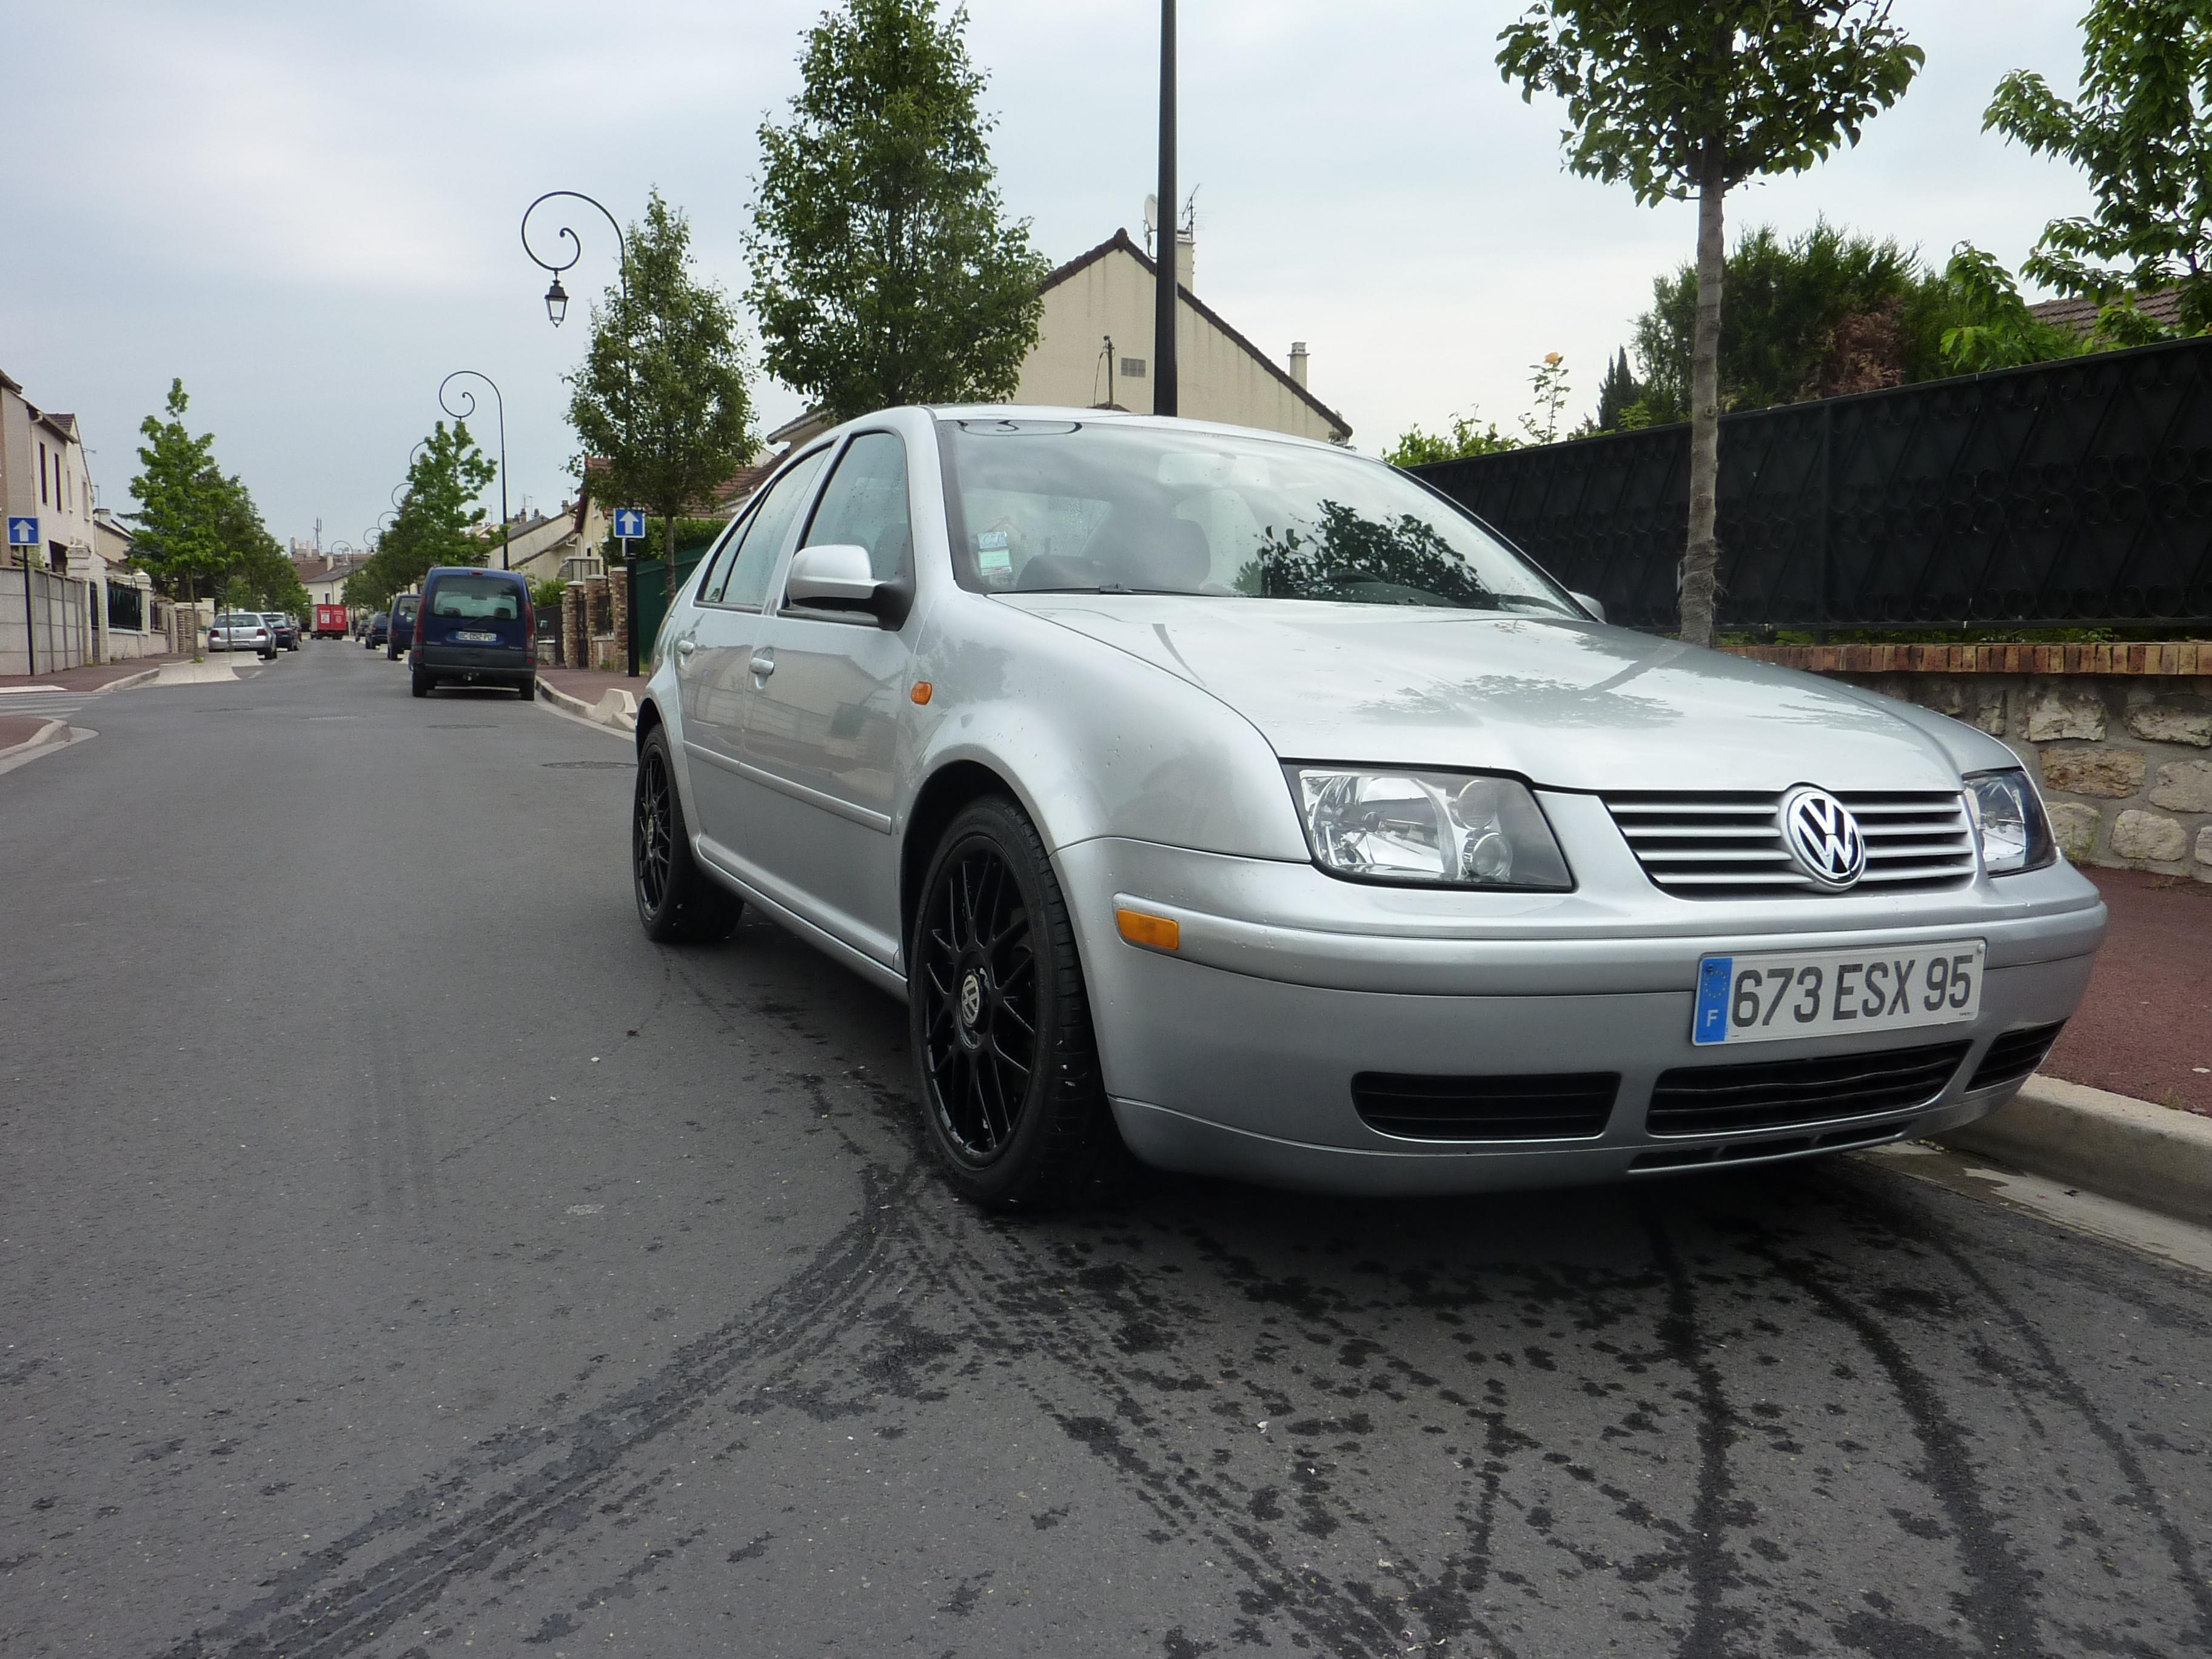 Vw bora berline tdi 130 confort 2002 de paul95 garage for Garage volkswagen 95